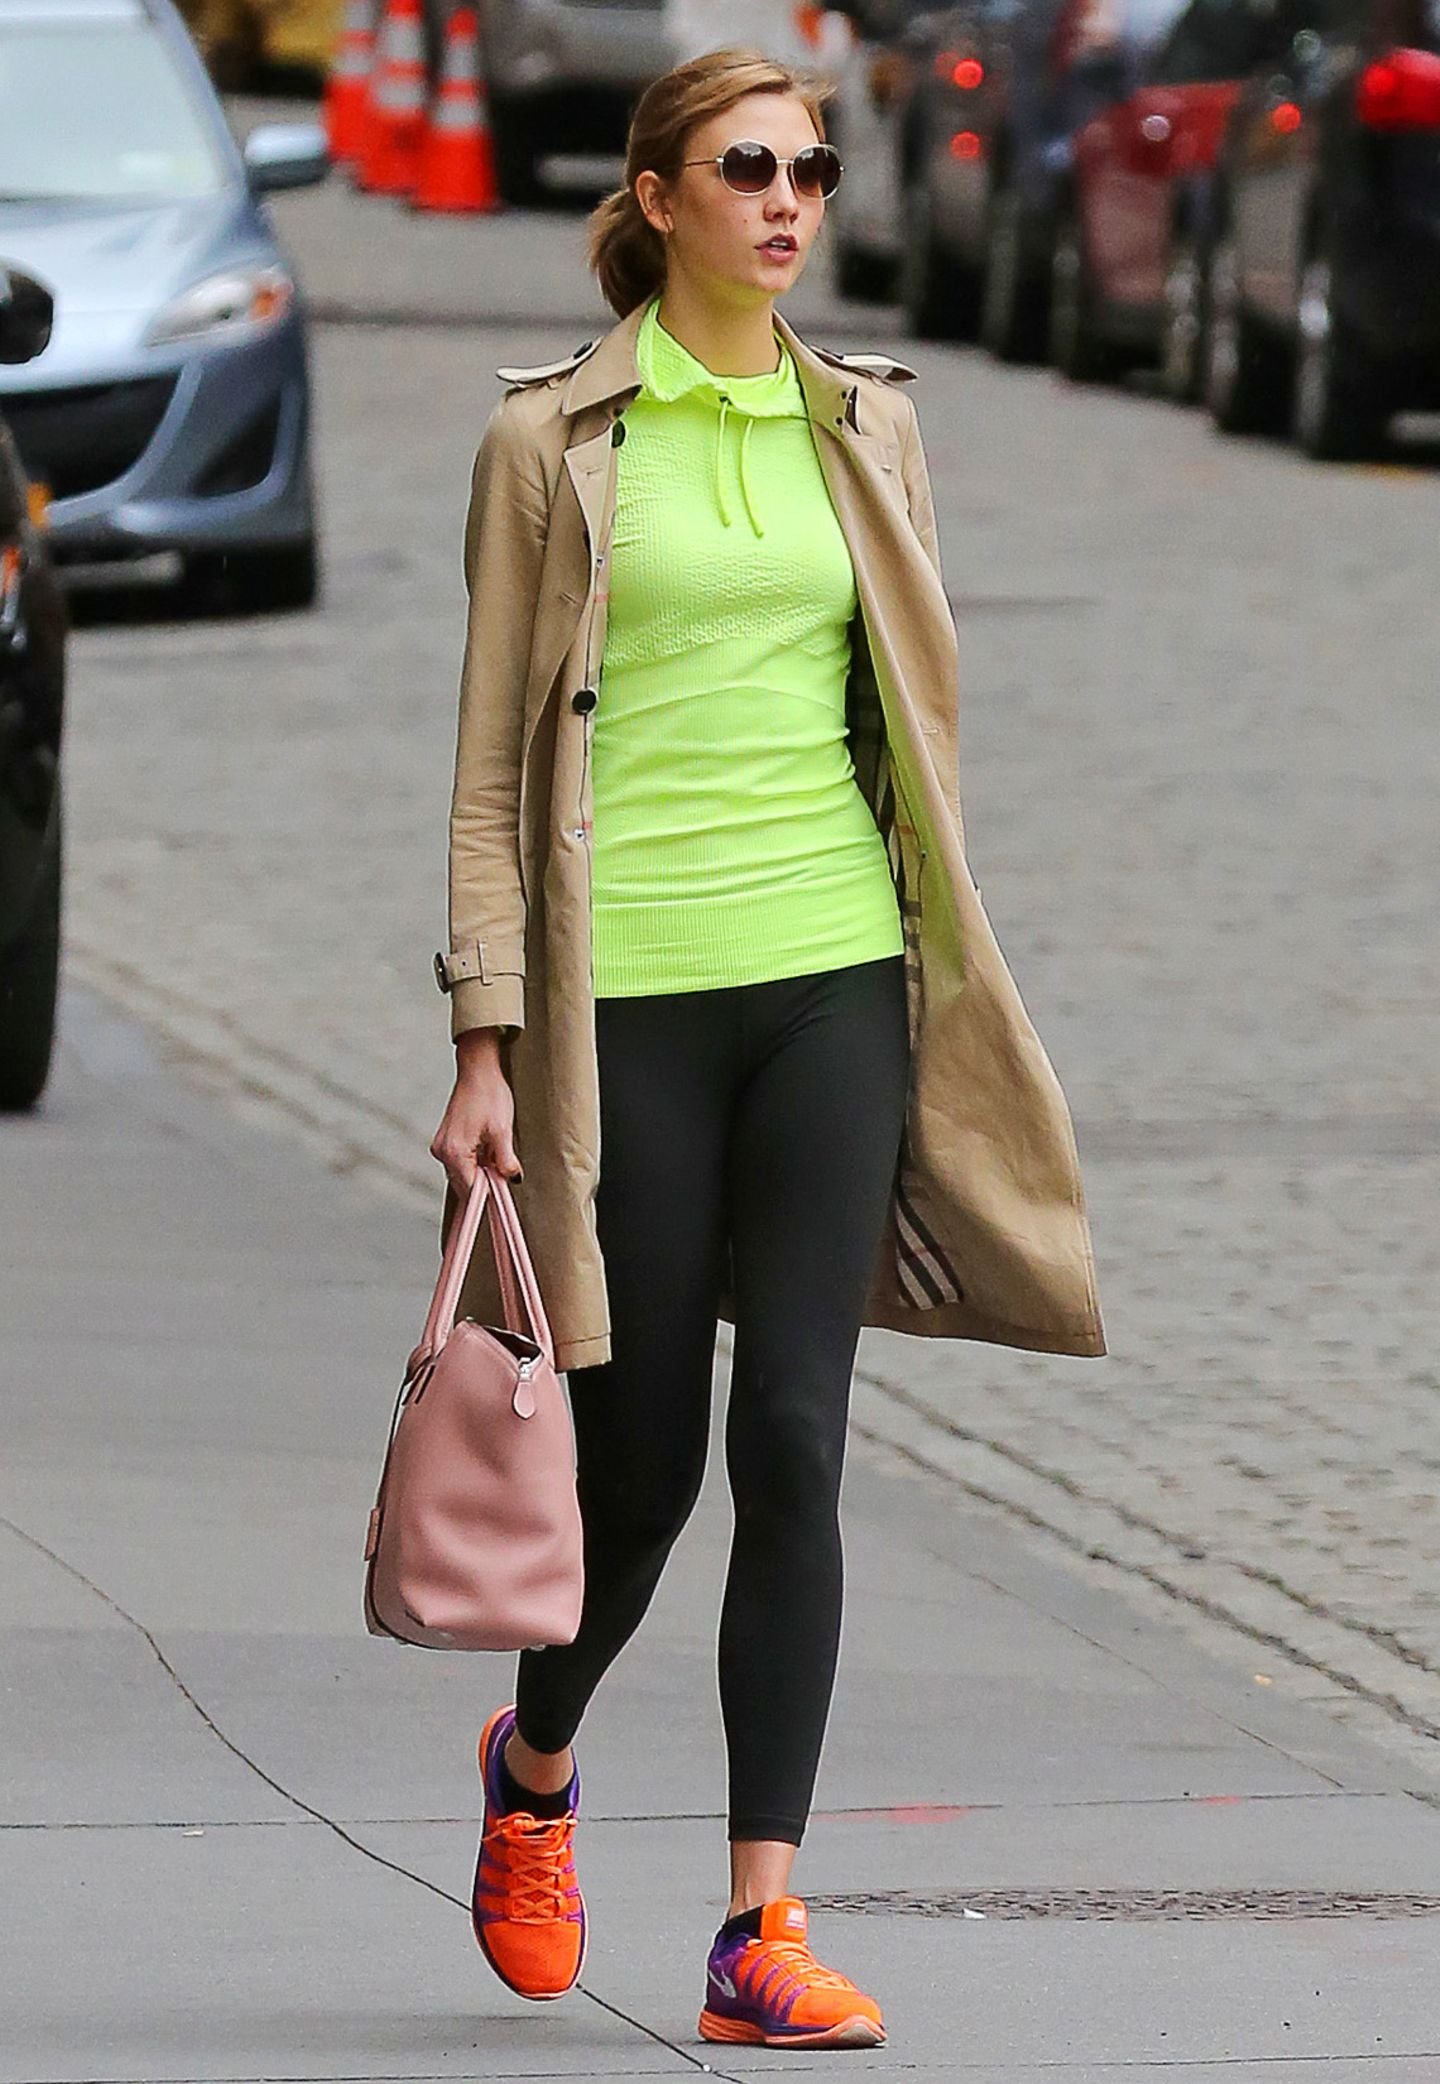 Ihr Sportprogramm scheint Topmodel Karlie Kloss gerne in knalligen Neonfarben zu absolvieren.